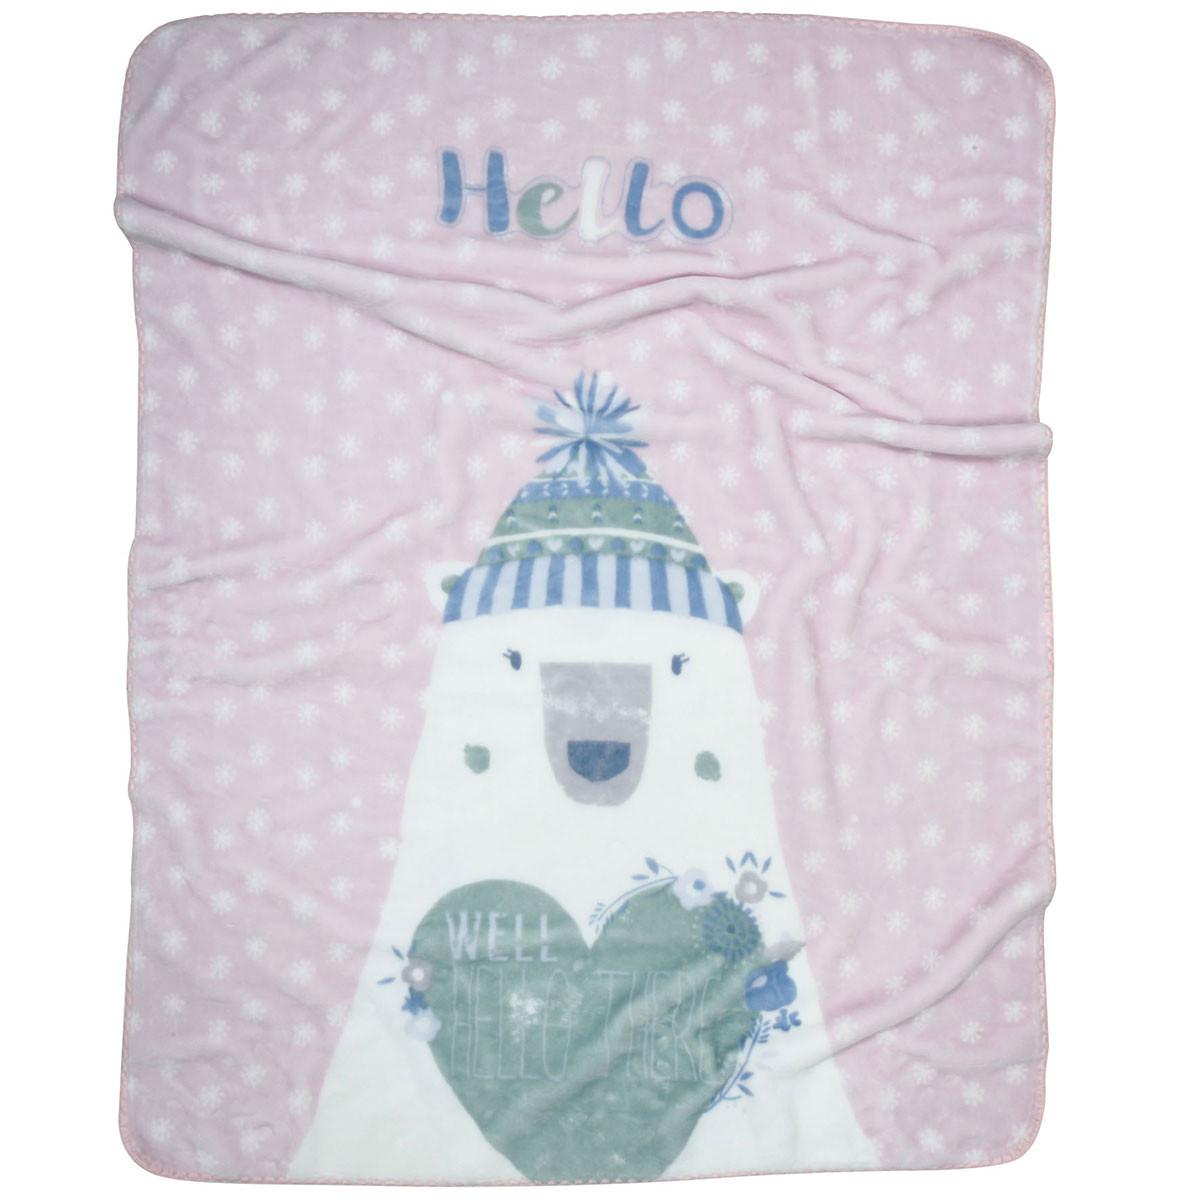 Κουβέρτα Βελουτέ Κούνιας Das Home Blanket Line 6490 home   βρεφικά   κουβέρτες βρεφικές   κουβέρτες βελουτέ